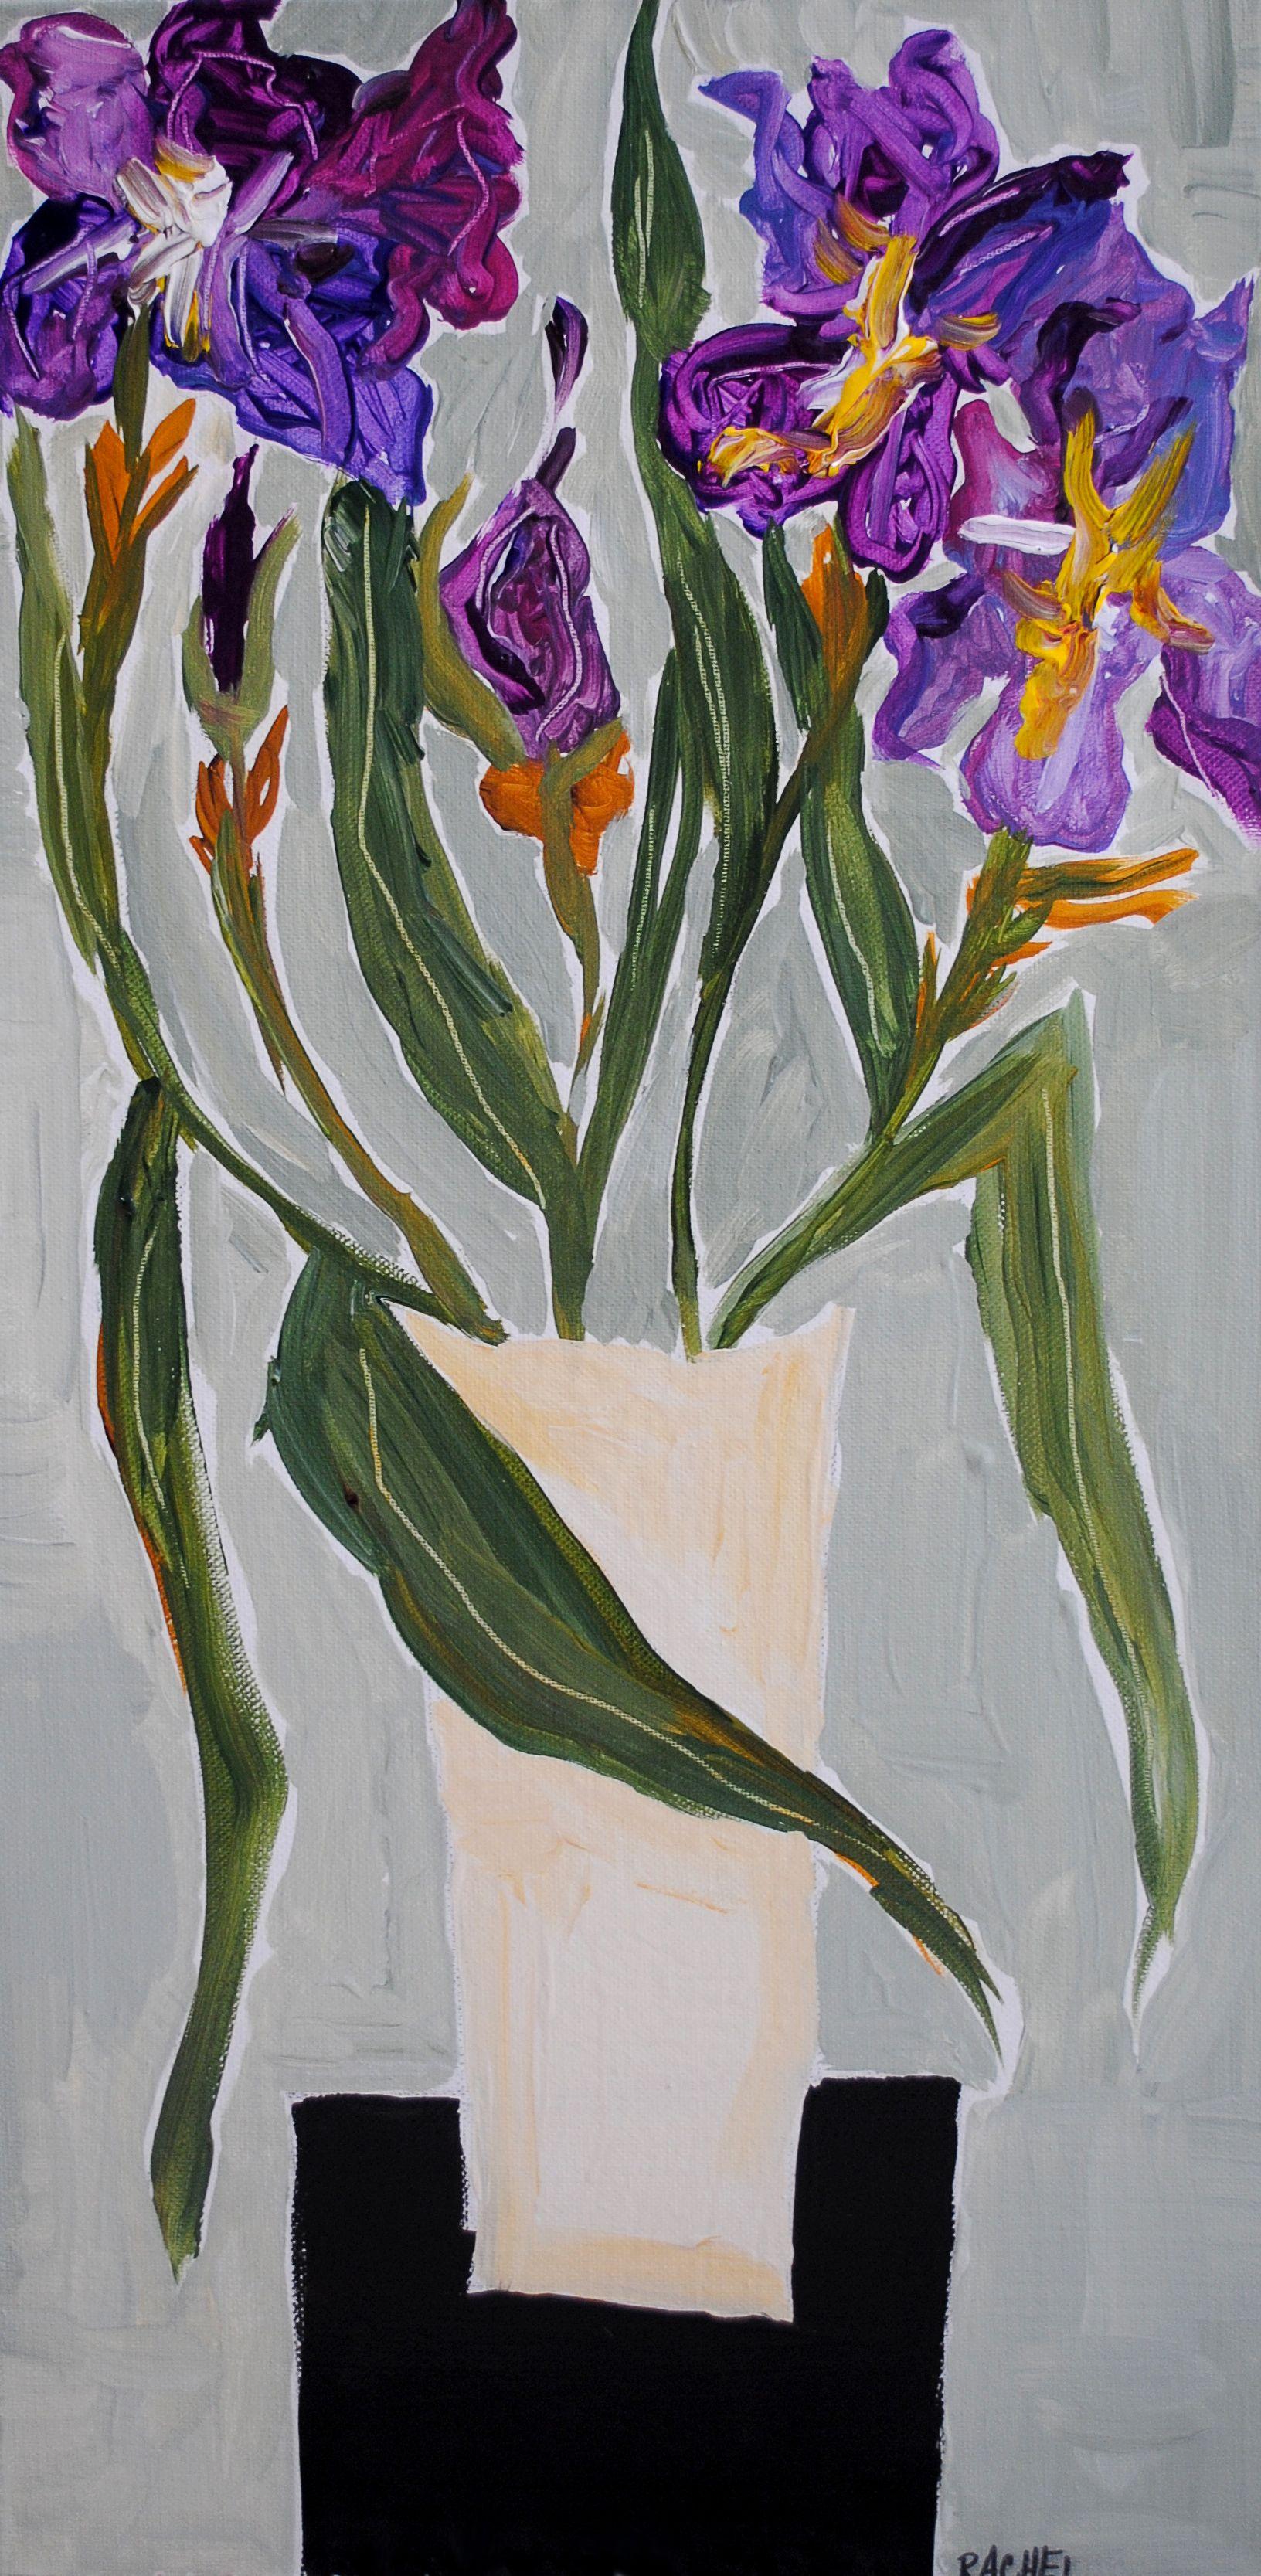 Iris flower painting byrachel cordaro flower art iris flower painting byrachel cordaro izmirmasajfo